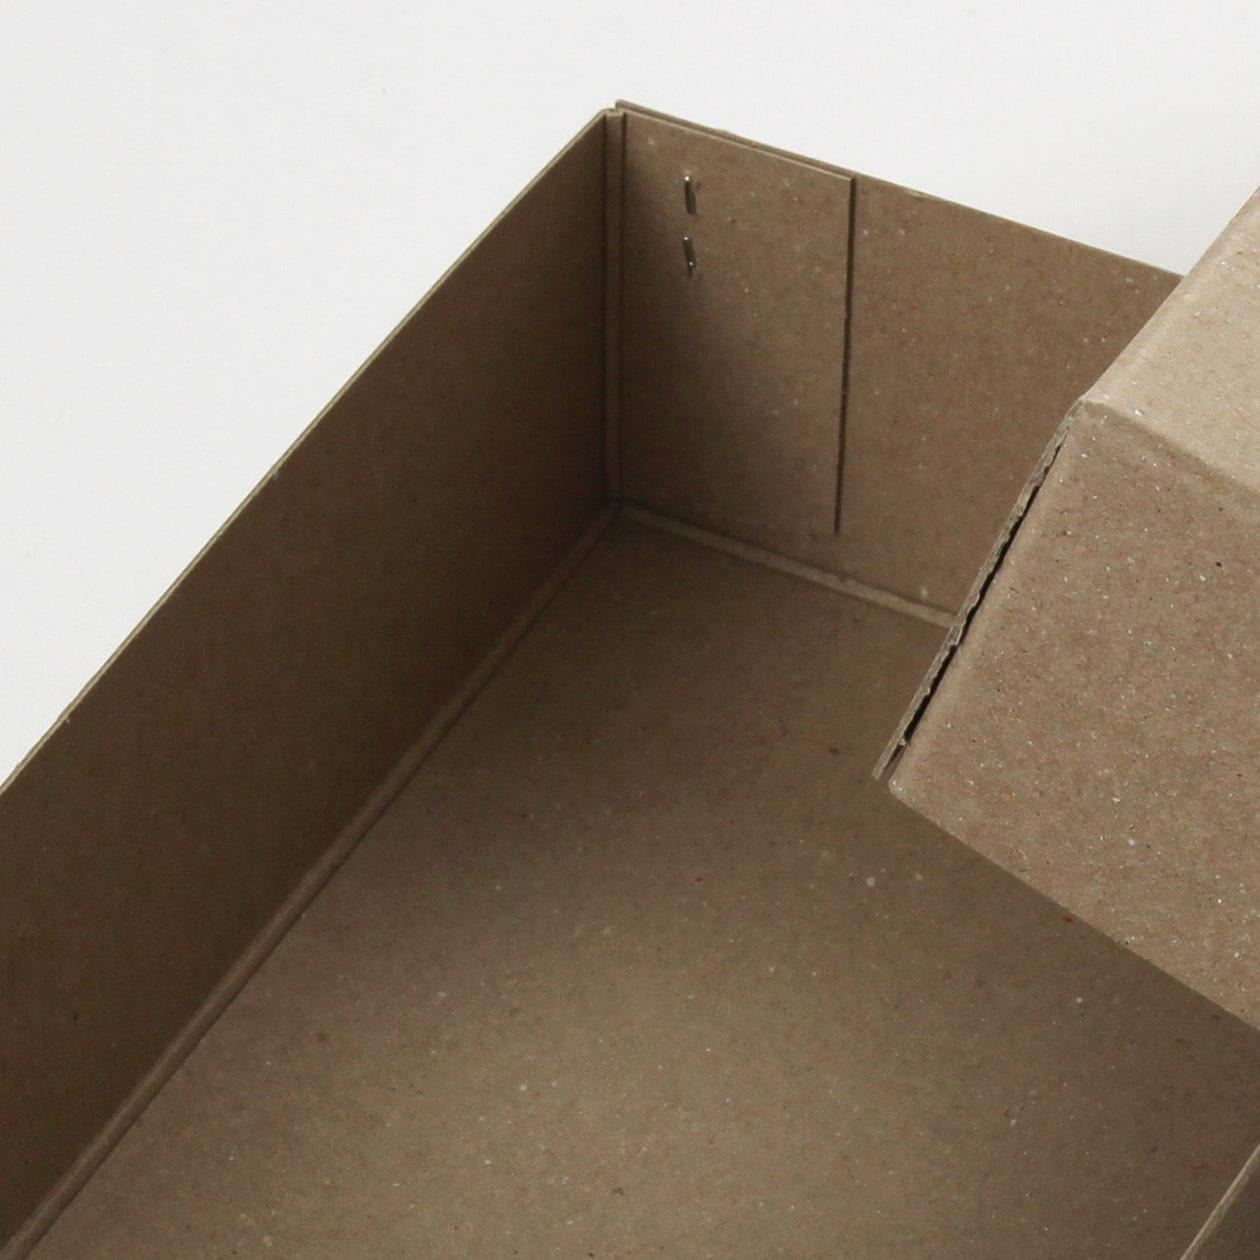 ホッチキス箱 サイズM_2 ボード紙 サンド